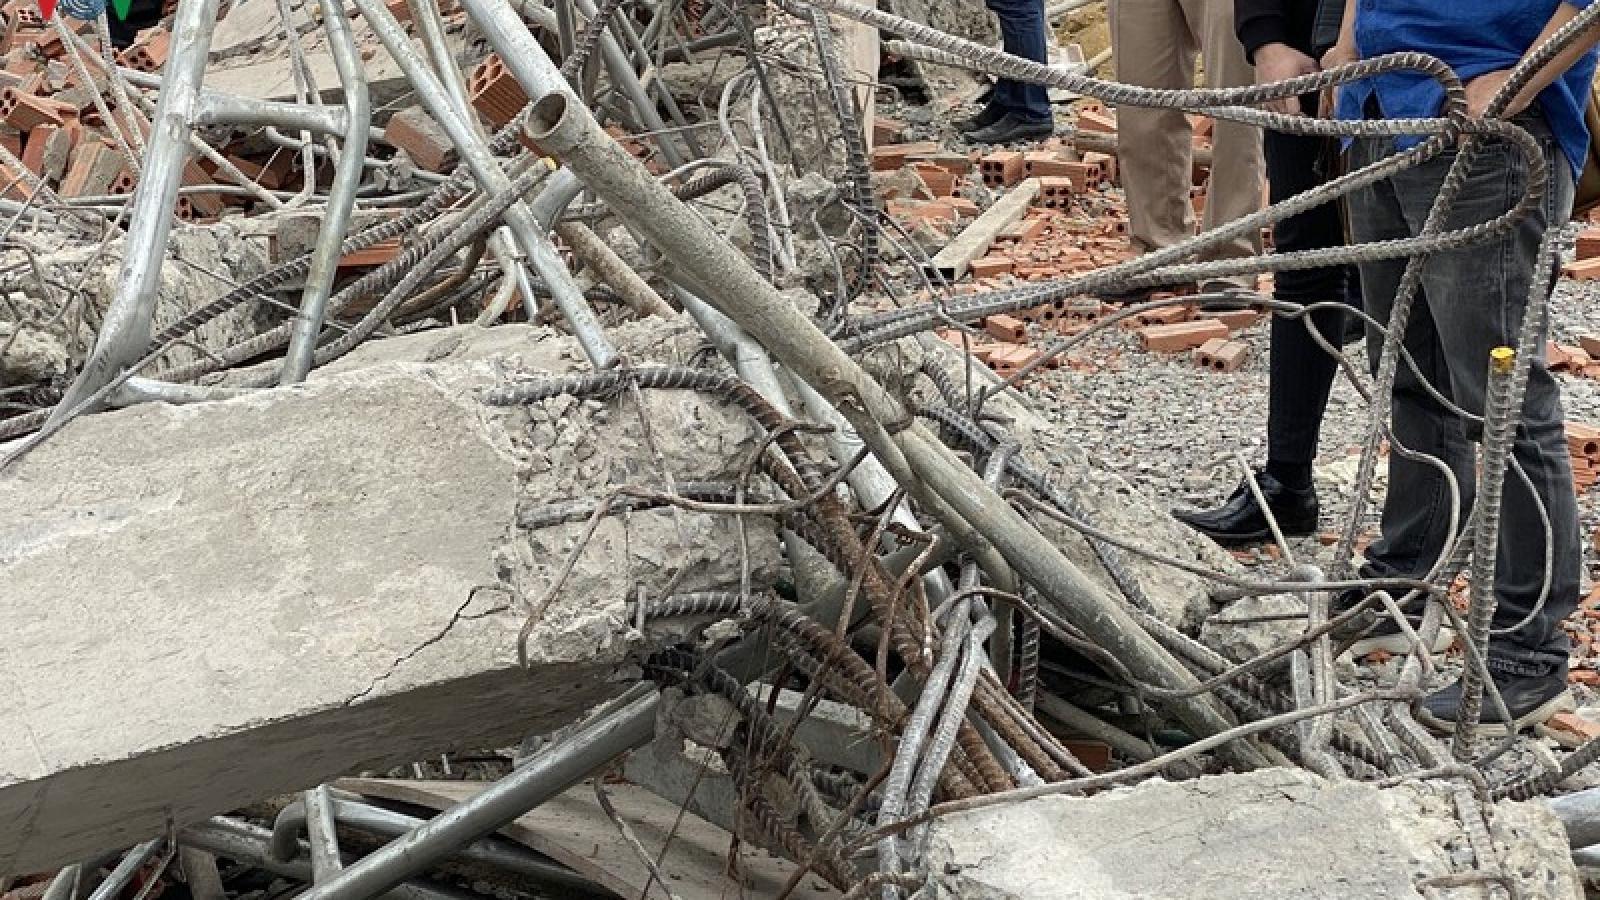 Ảnh: Khảo sát hiện trường, tìm nguyên nhân vụ sập tường ở Đồng Nai